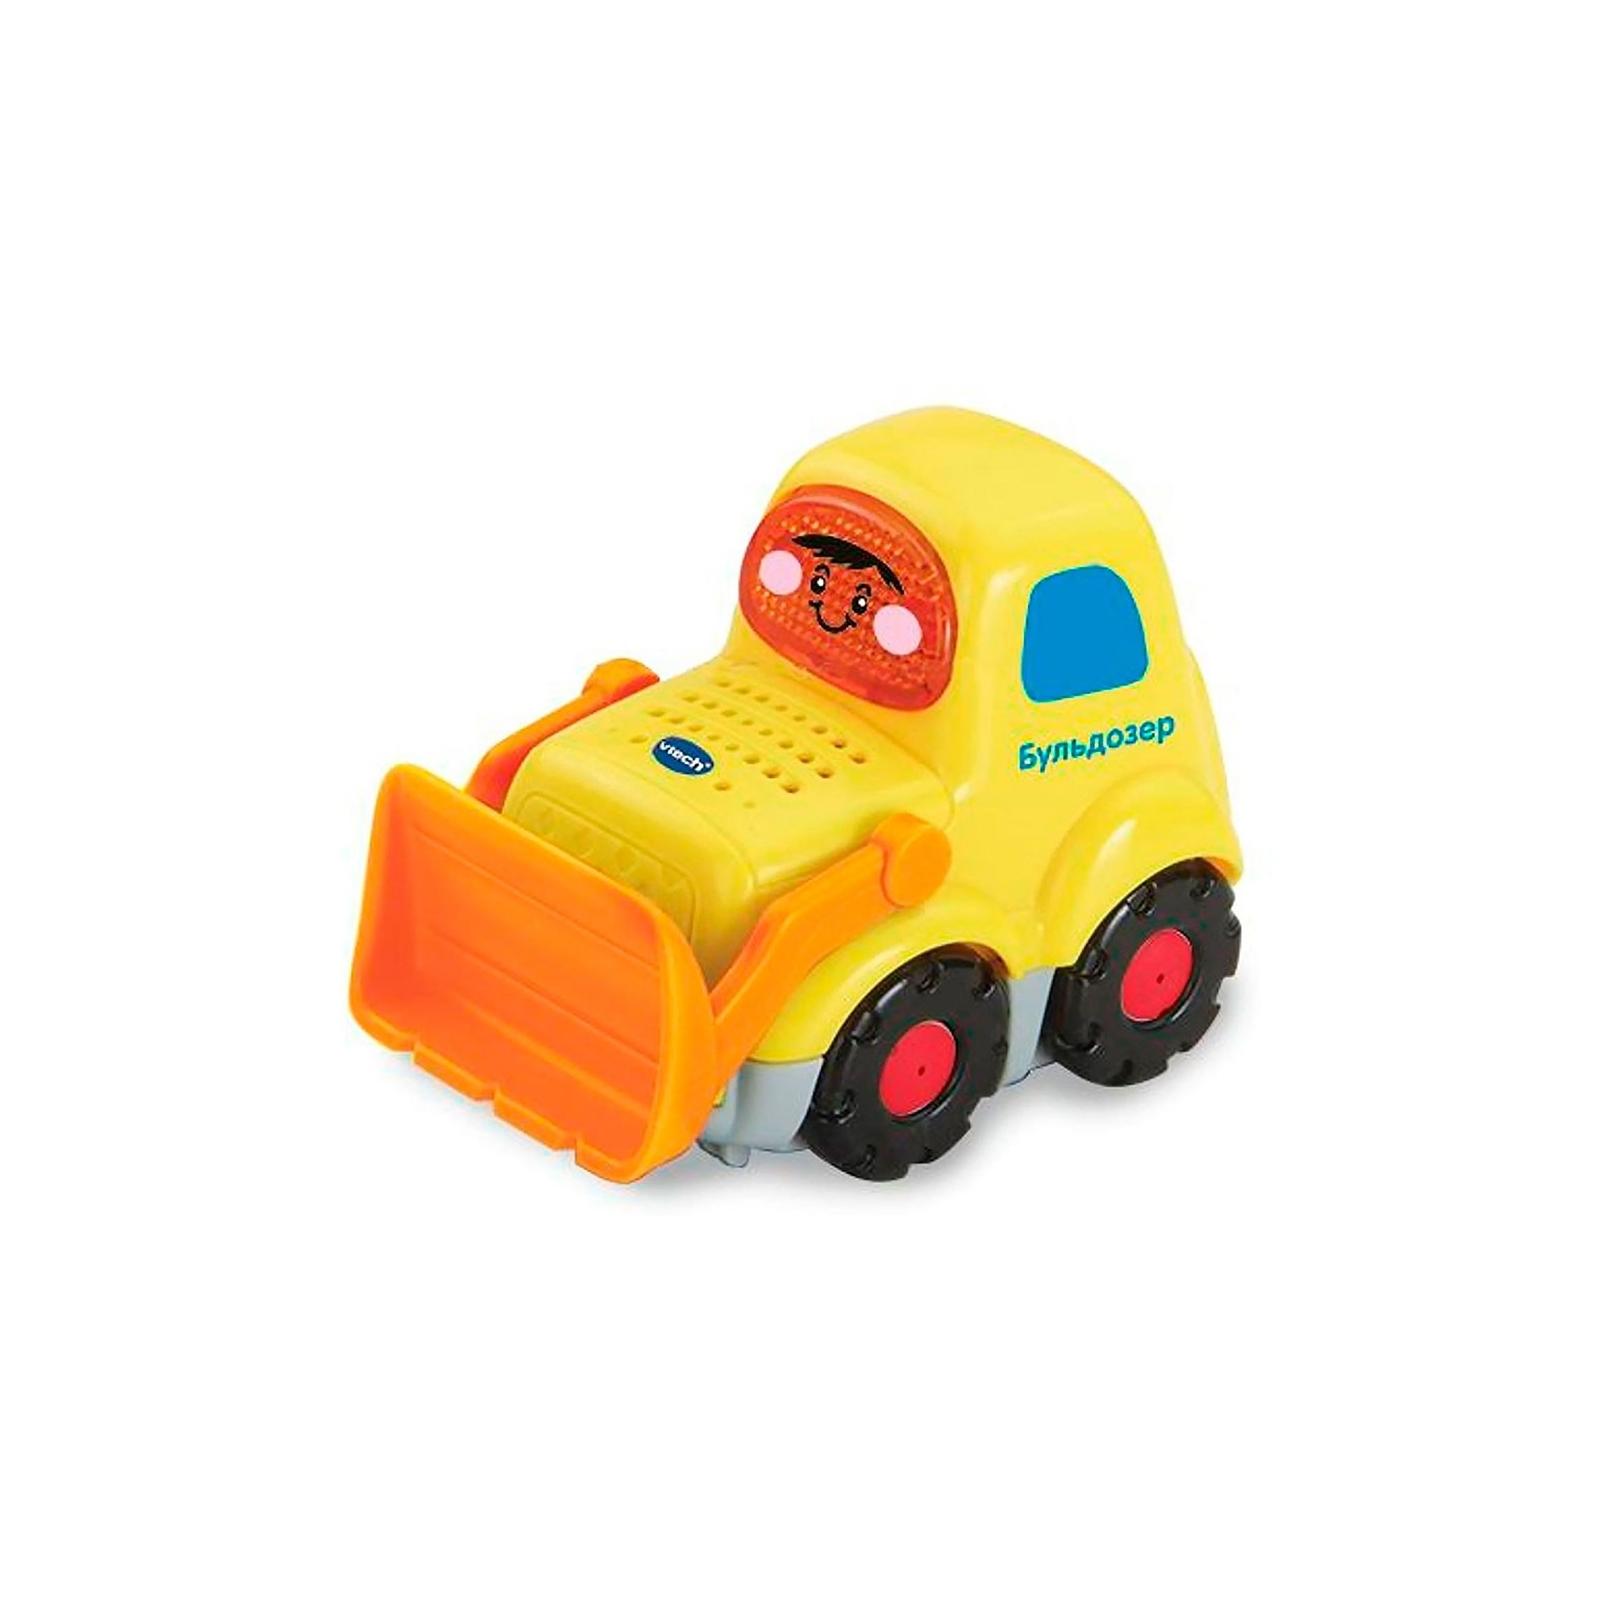 Развивающая игрушка VTech Бип-Бип Бульдозер со звуковыми эффектами (80-151826)